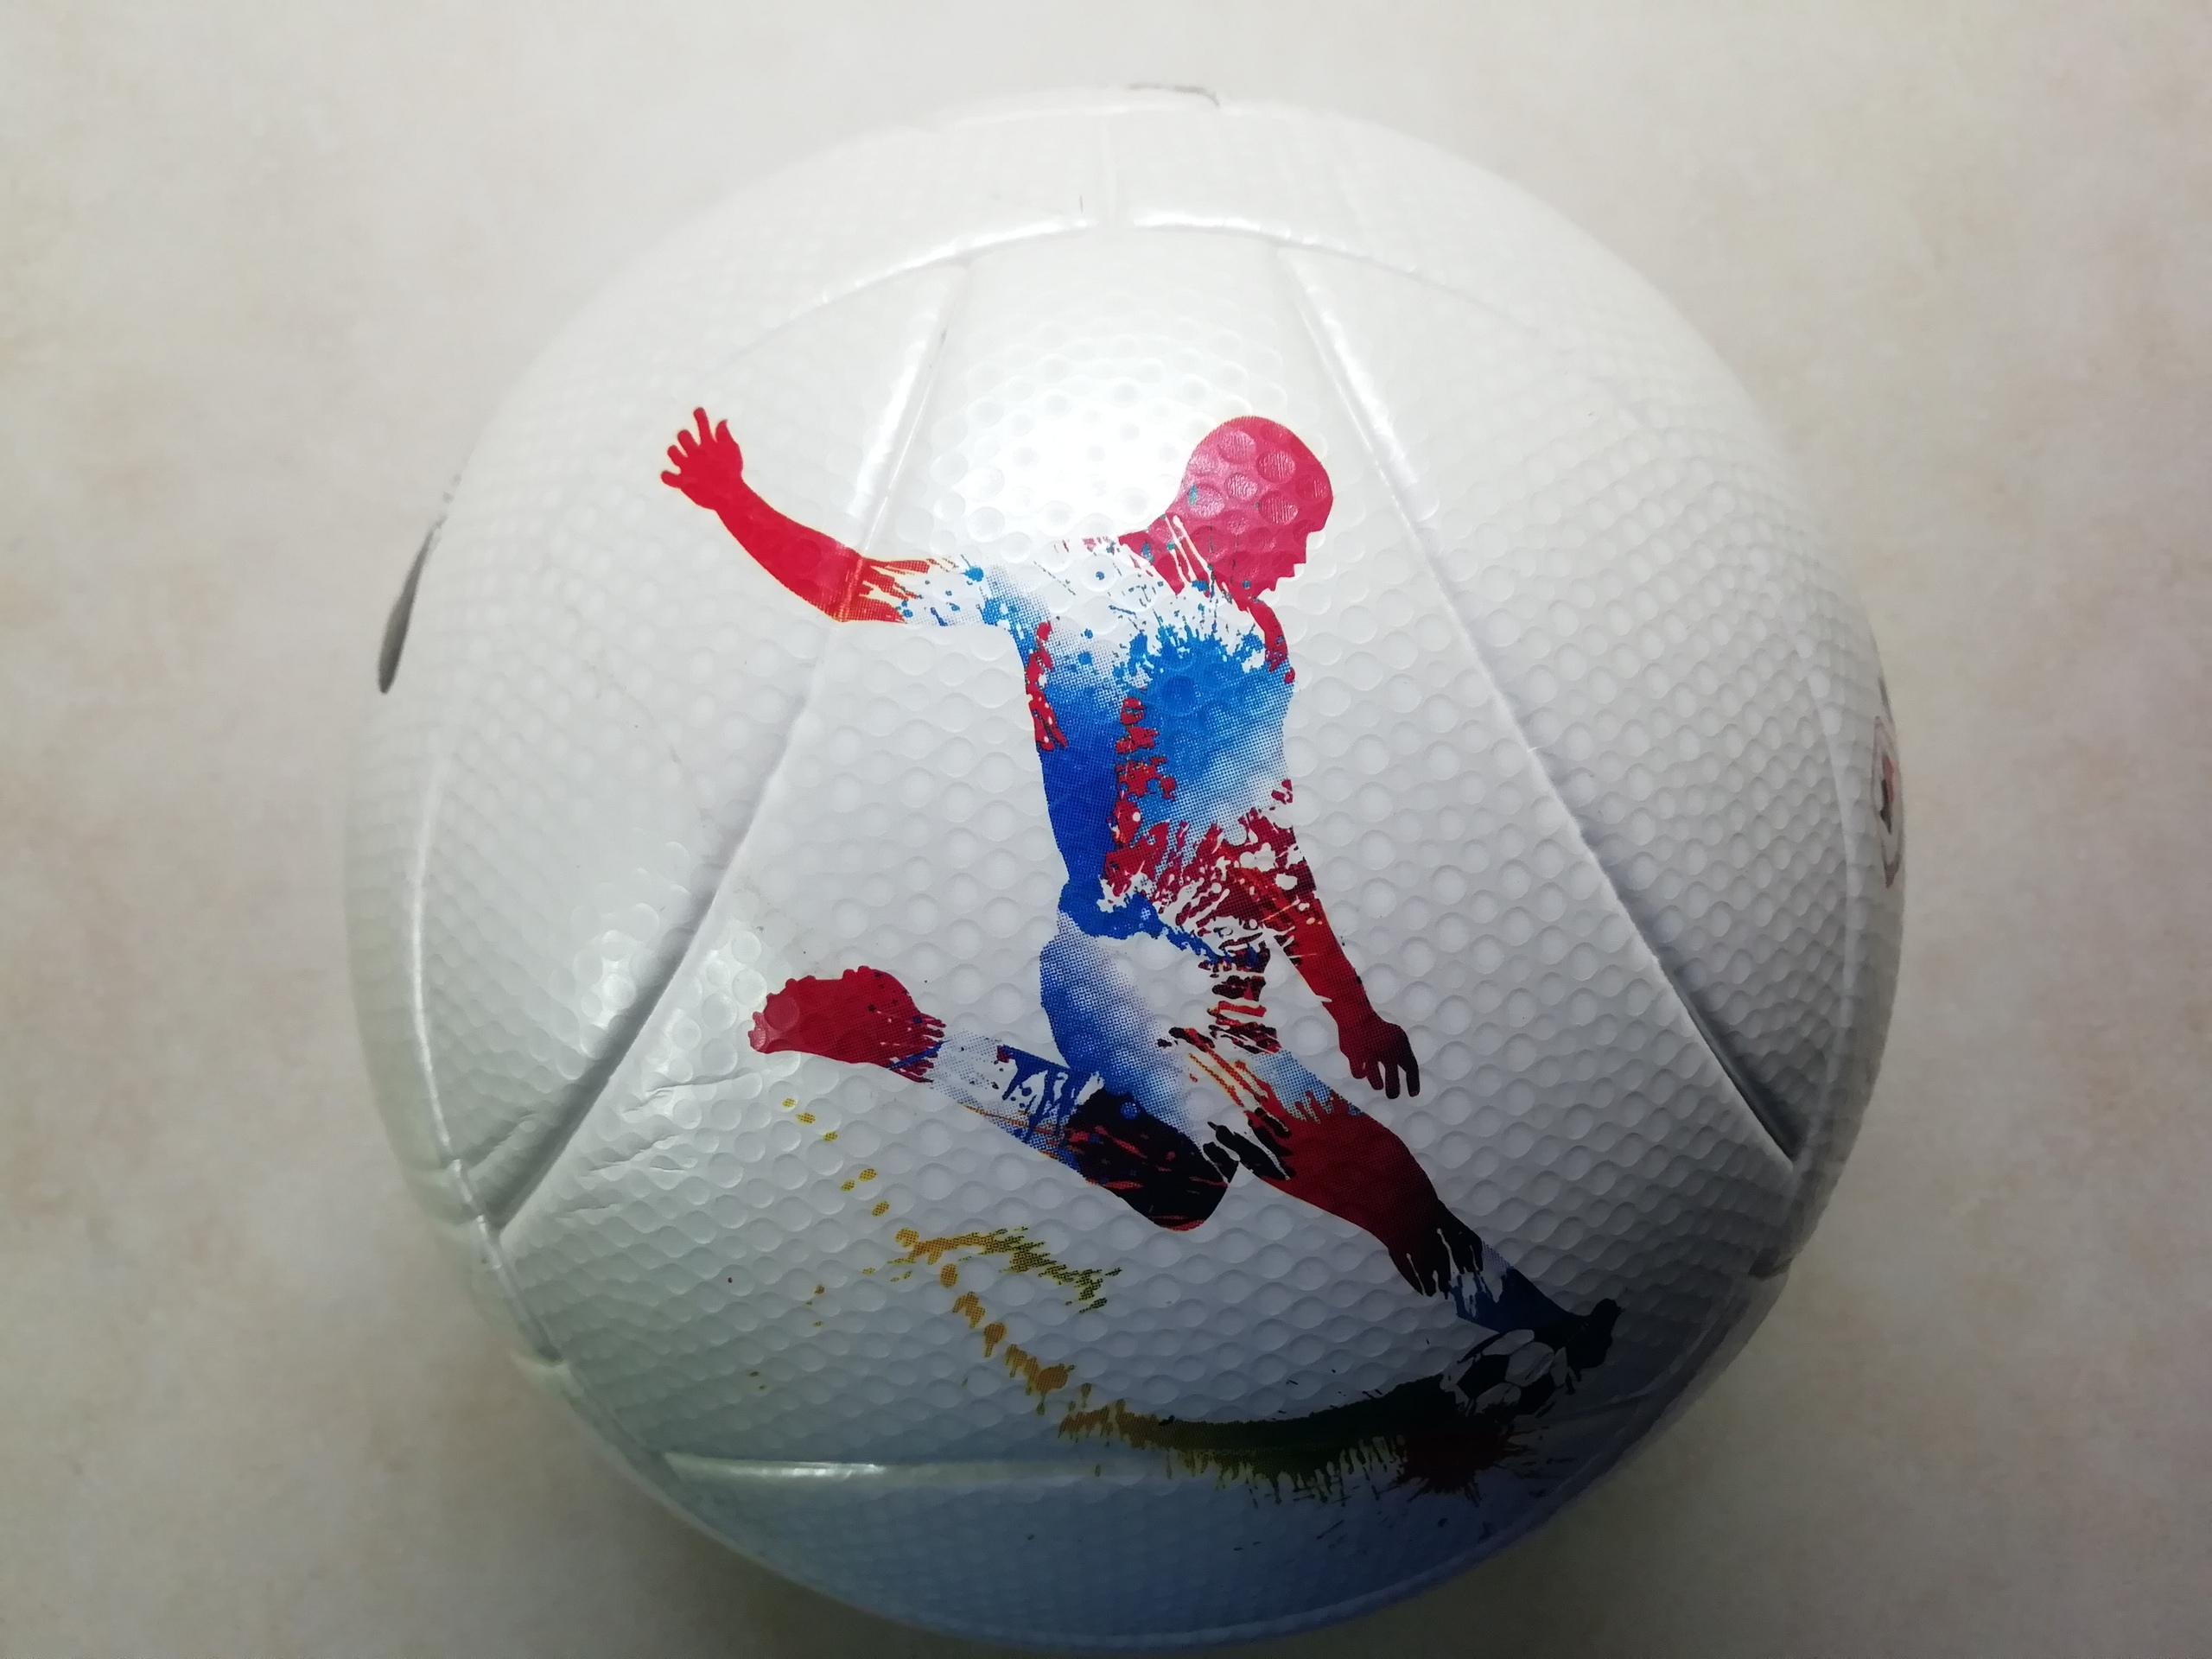 где купить тренировочный футбольный мяч